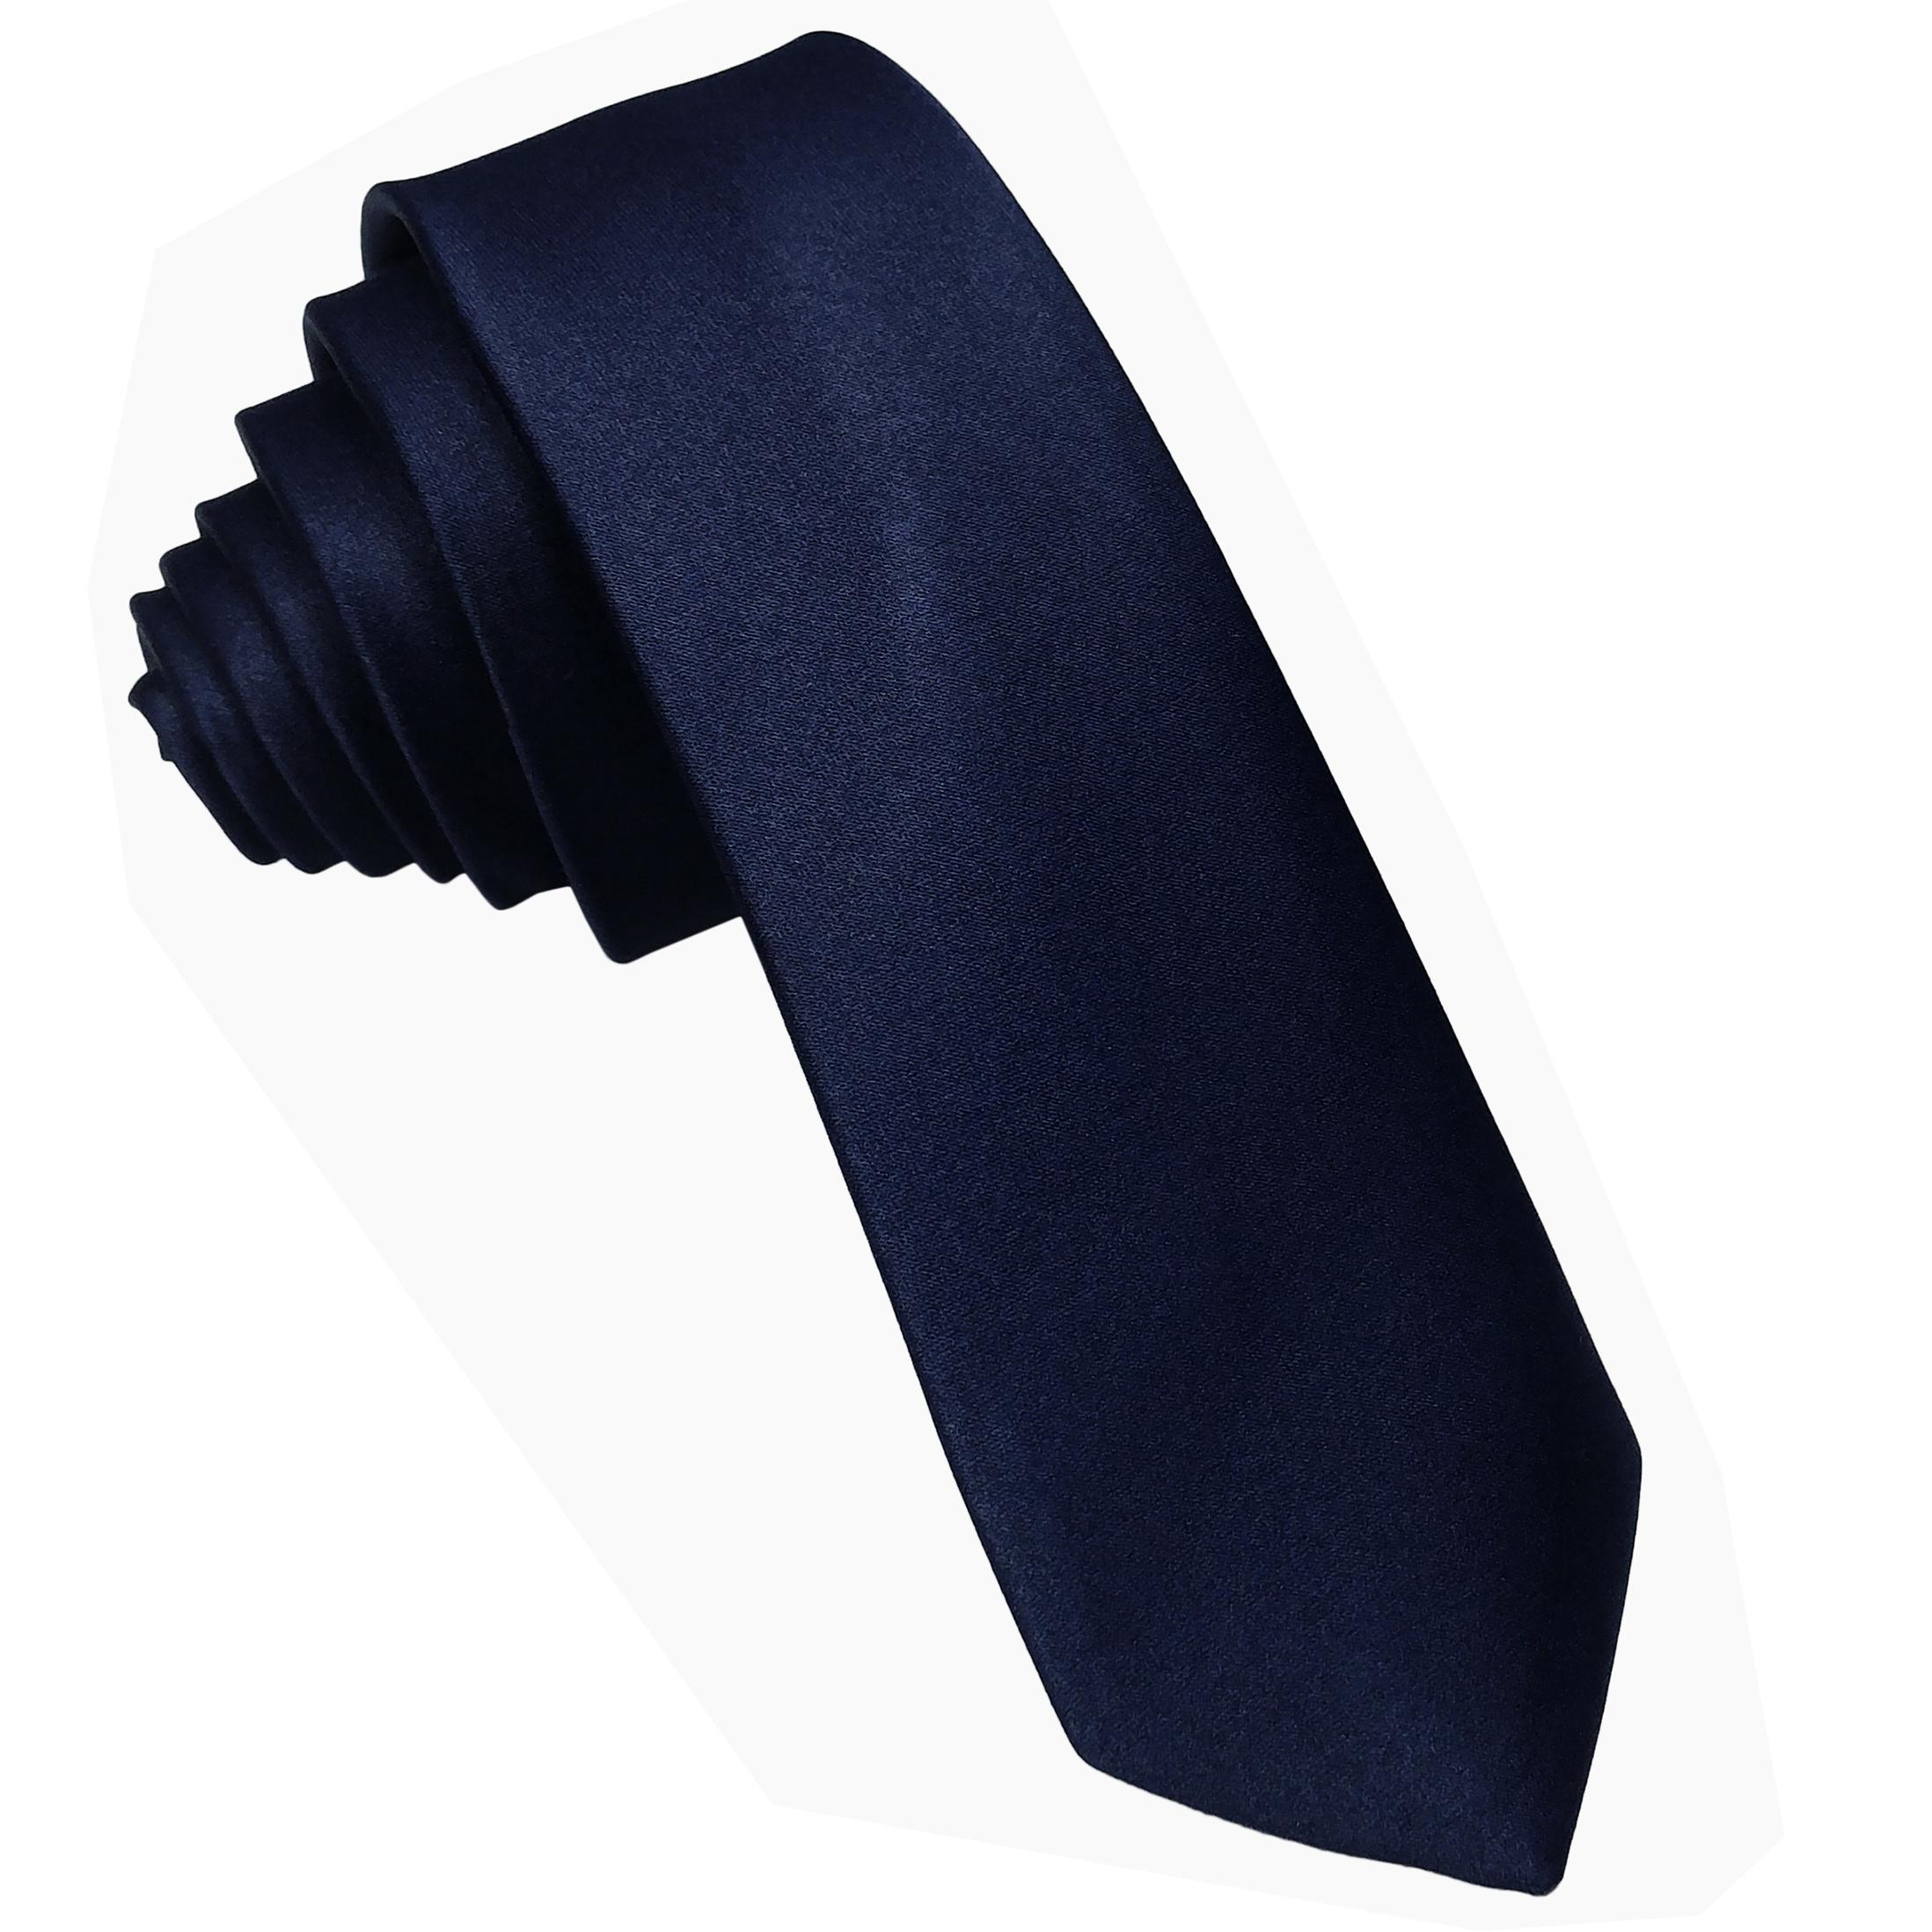 ست کراوات و پاپیون و دستمال جیب مردانه کد S -  - 6